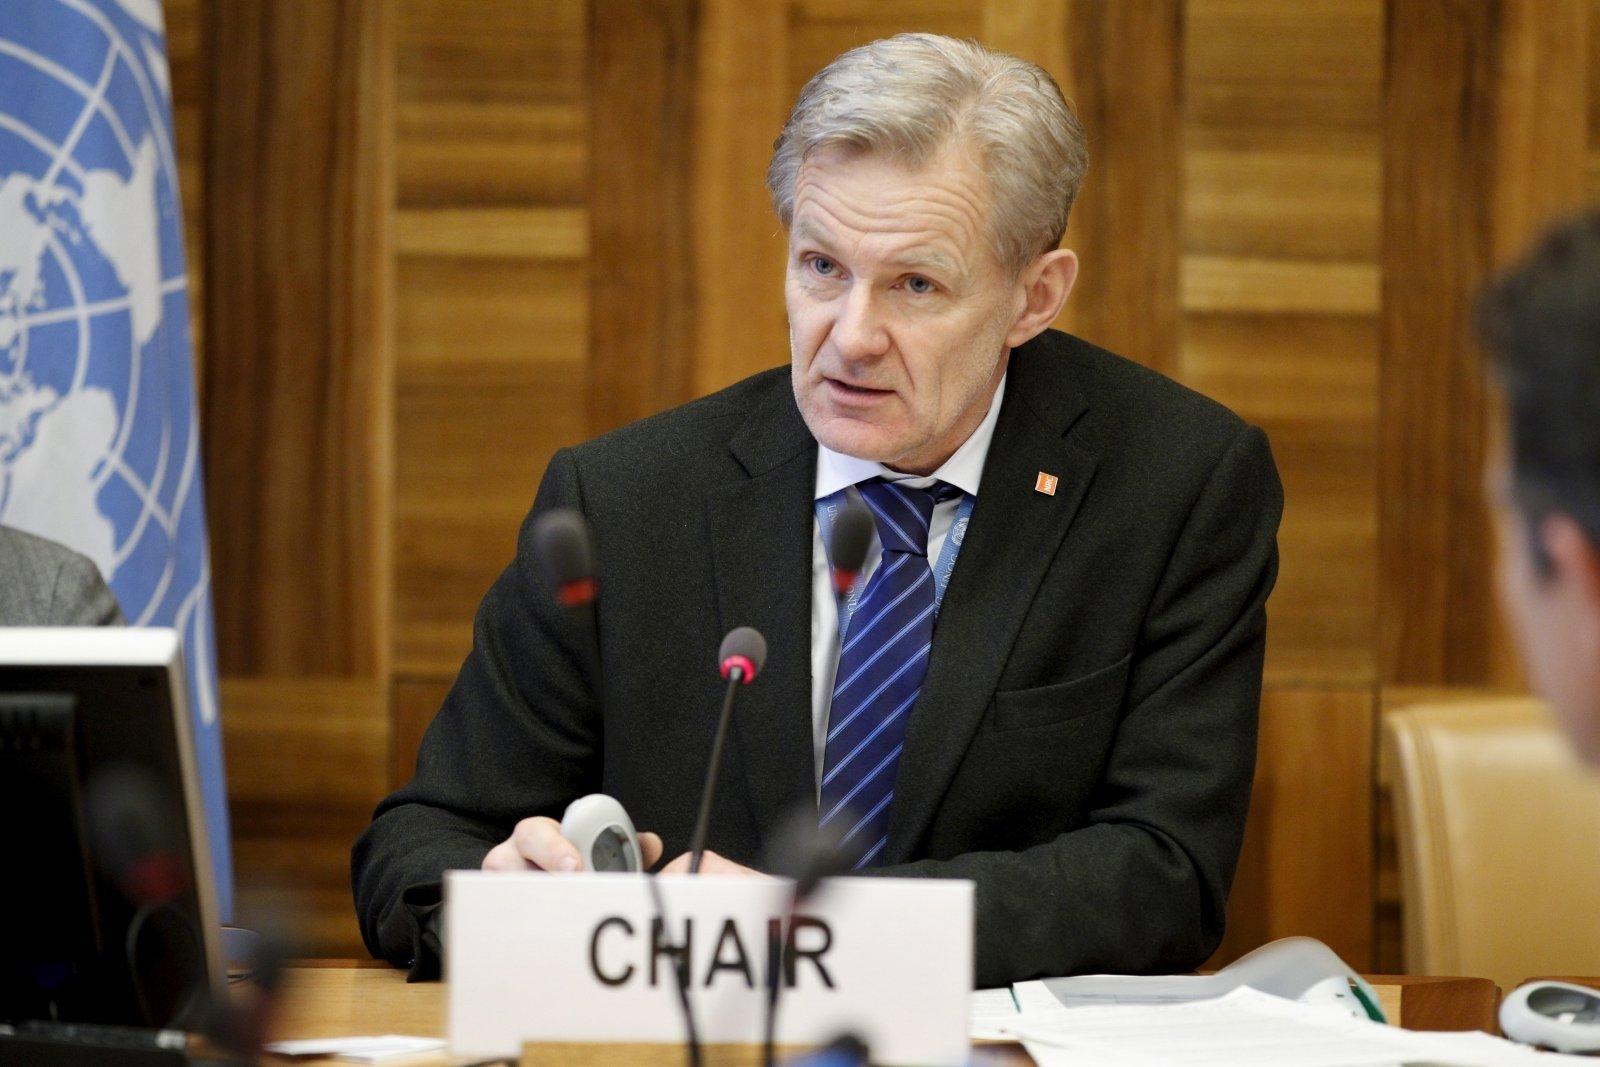 يان إيجلاند مستشار الأمم المتحدة للشؤون الإنسانية في سوريا